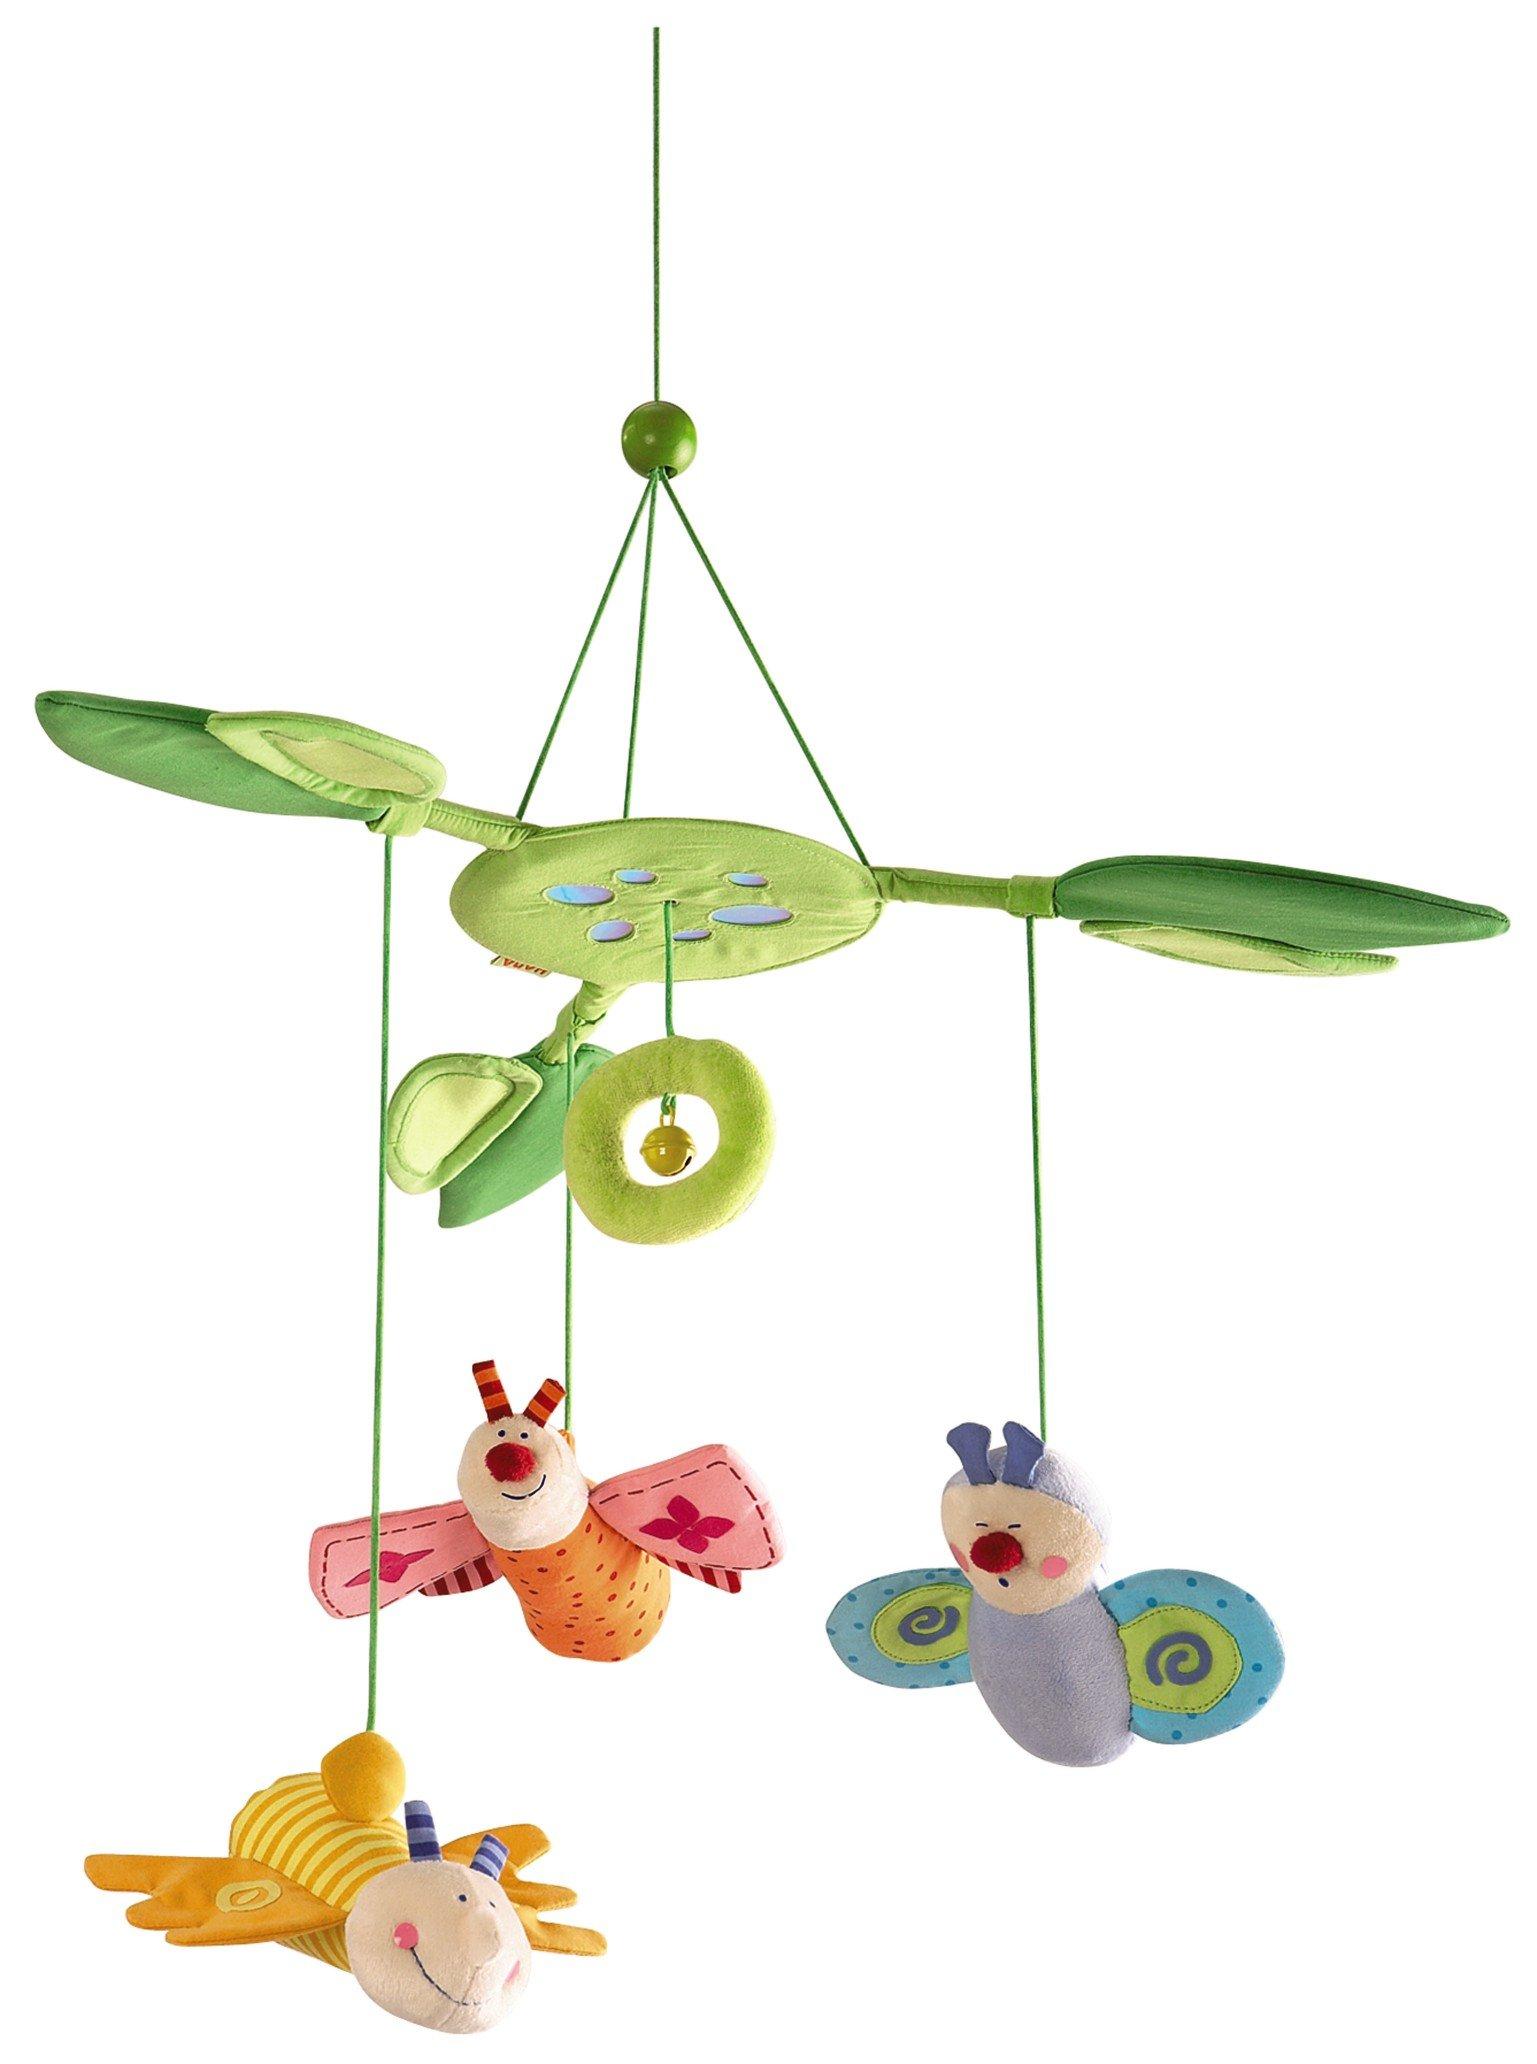 Holzspielzeug Klassische Mobile Schönes Mobile Babyspielzeug Kleinkinder Deko